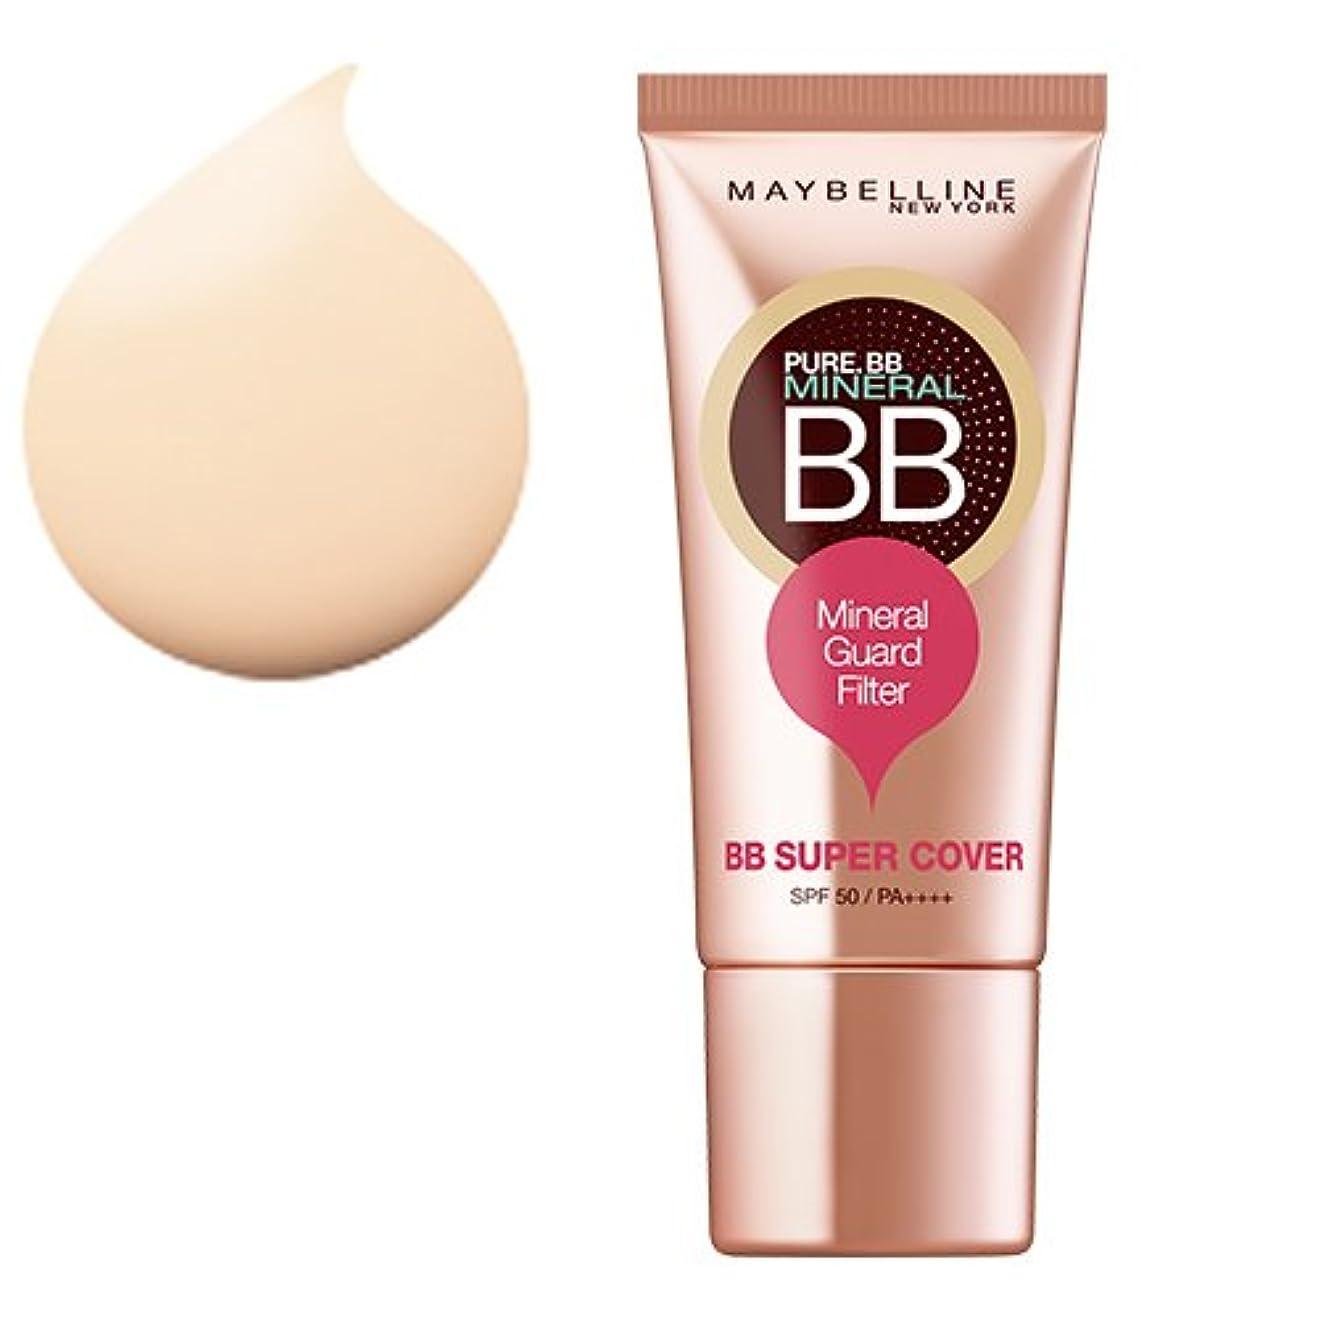 体系的にご注意前提メイベリン BBクリーム ピュアミネラル BB SP カバー 01 ナチュラル ベージュ